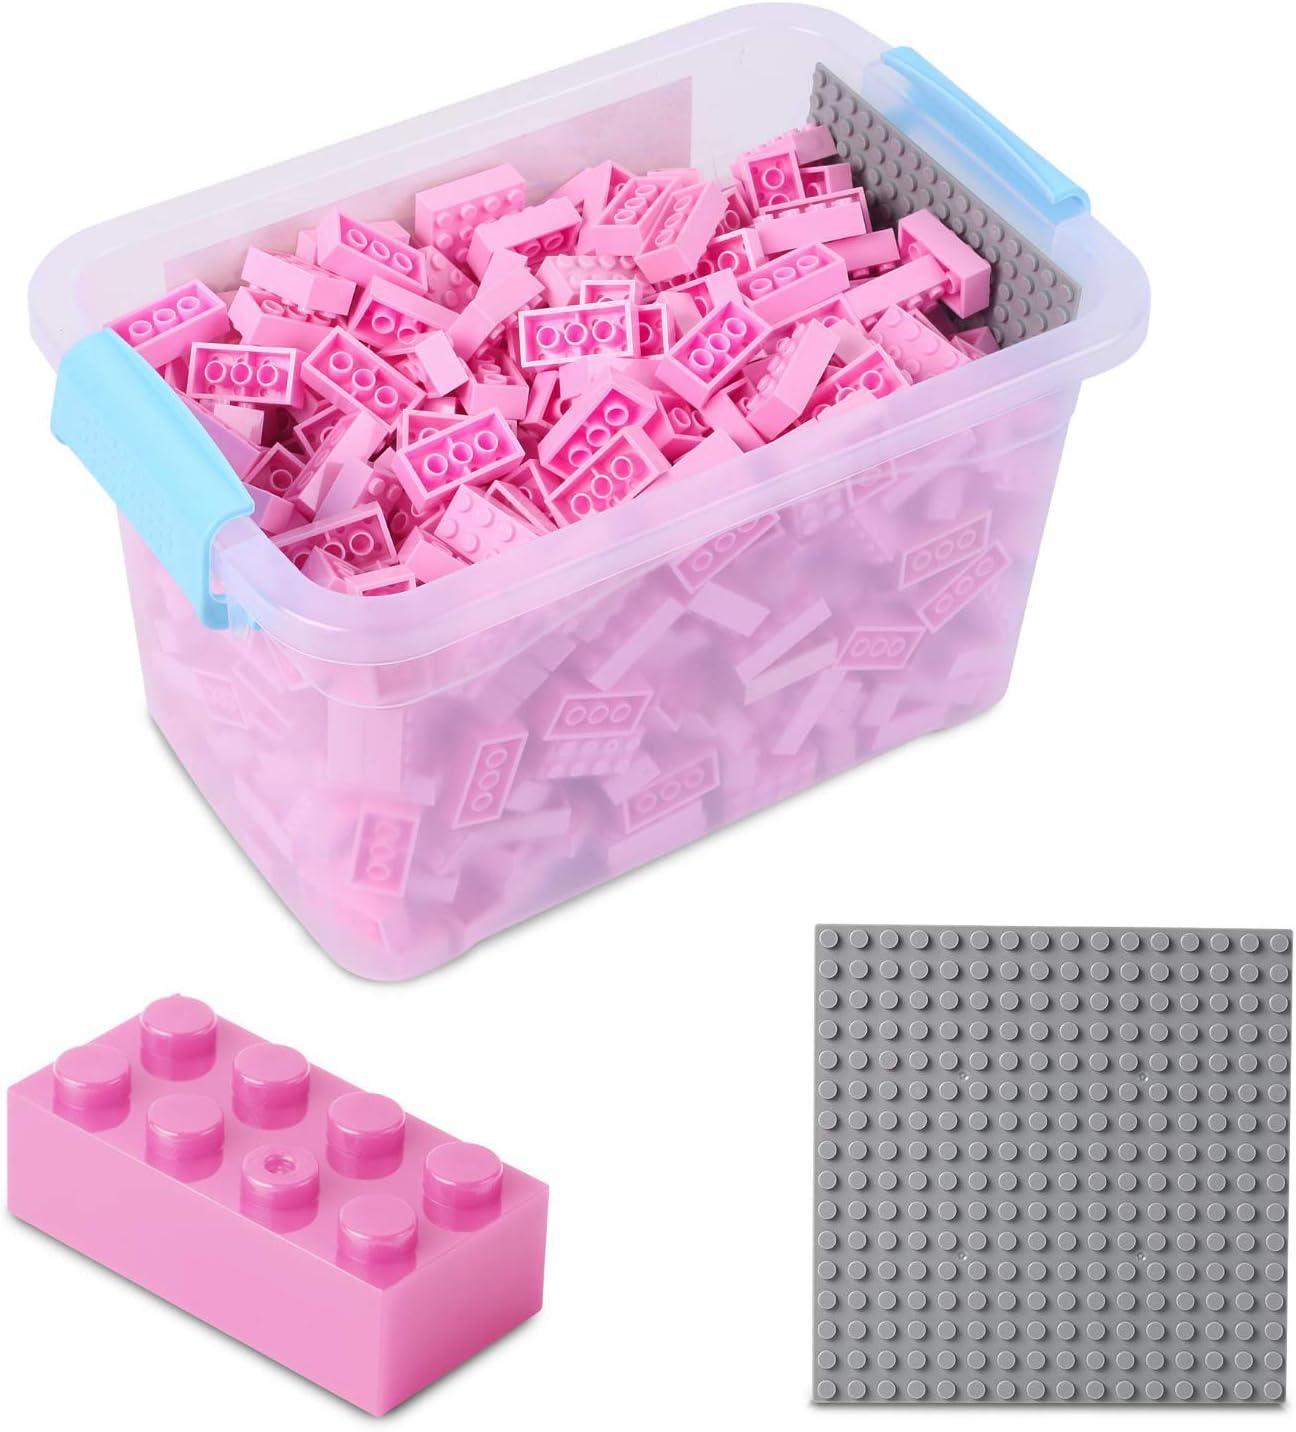 Katara-Juego De 520 Ladrillos Creativos En Caja Con Placa De Construcción 100% Compatibles Con Lego Classic, Sluban, Papimax, Q-bricks, color rosa (1827) , color/modelo surtido: Amazon.es: Juguetes y juegos